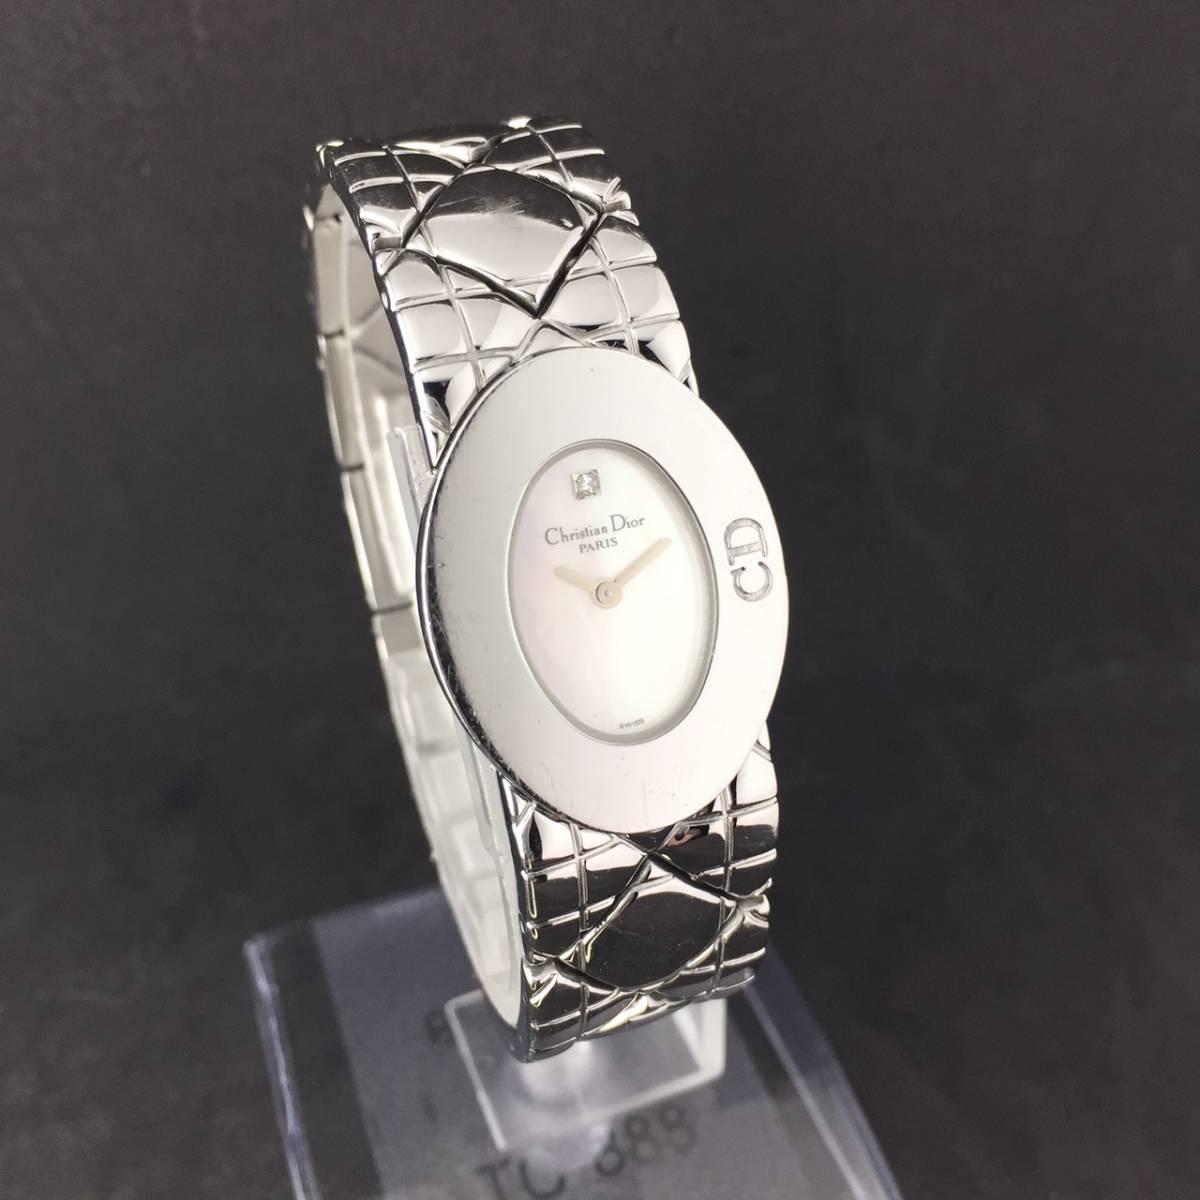 【1円良品】Christian Dior クリスチャン ディオール 腕時計 レディース D90-100 1P ダイヤ シェル文字盤 稼動品_画像2